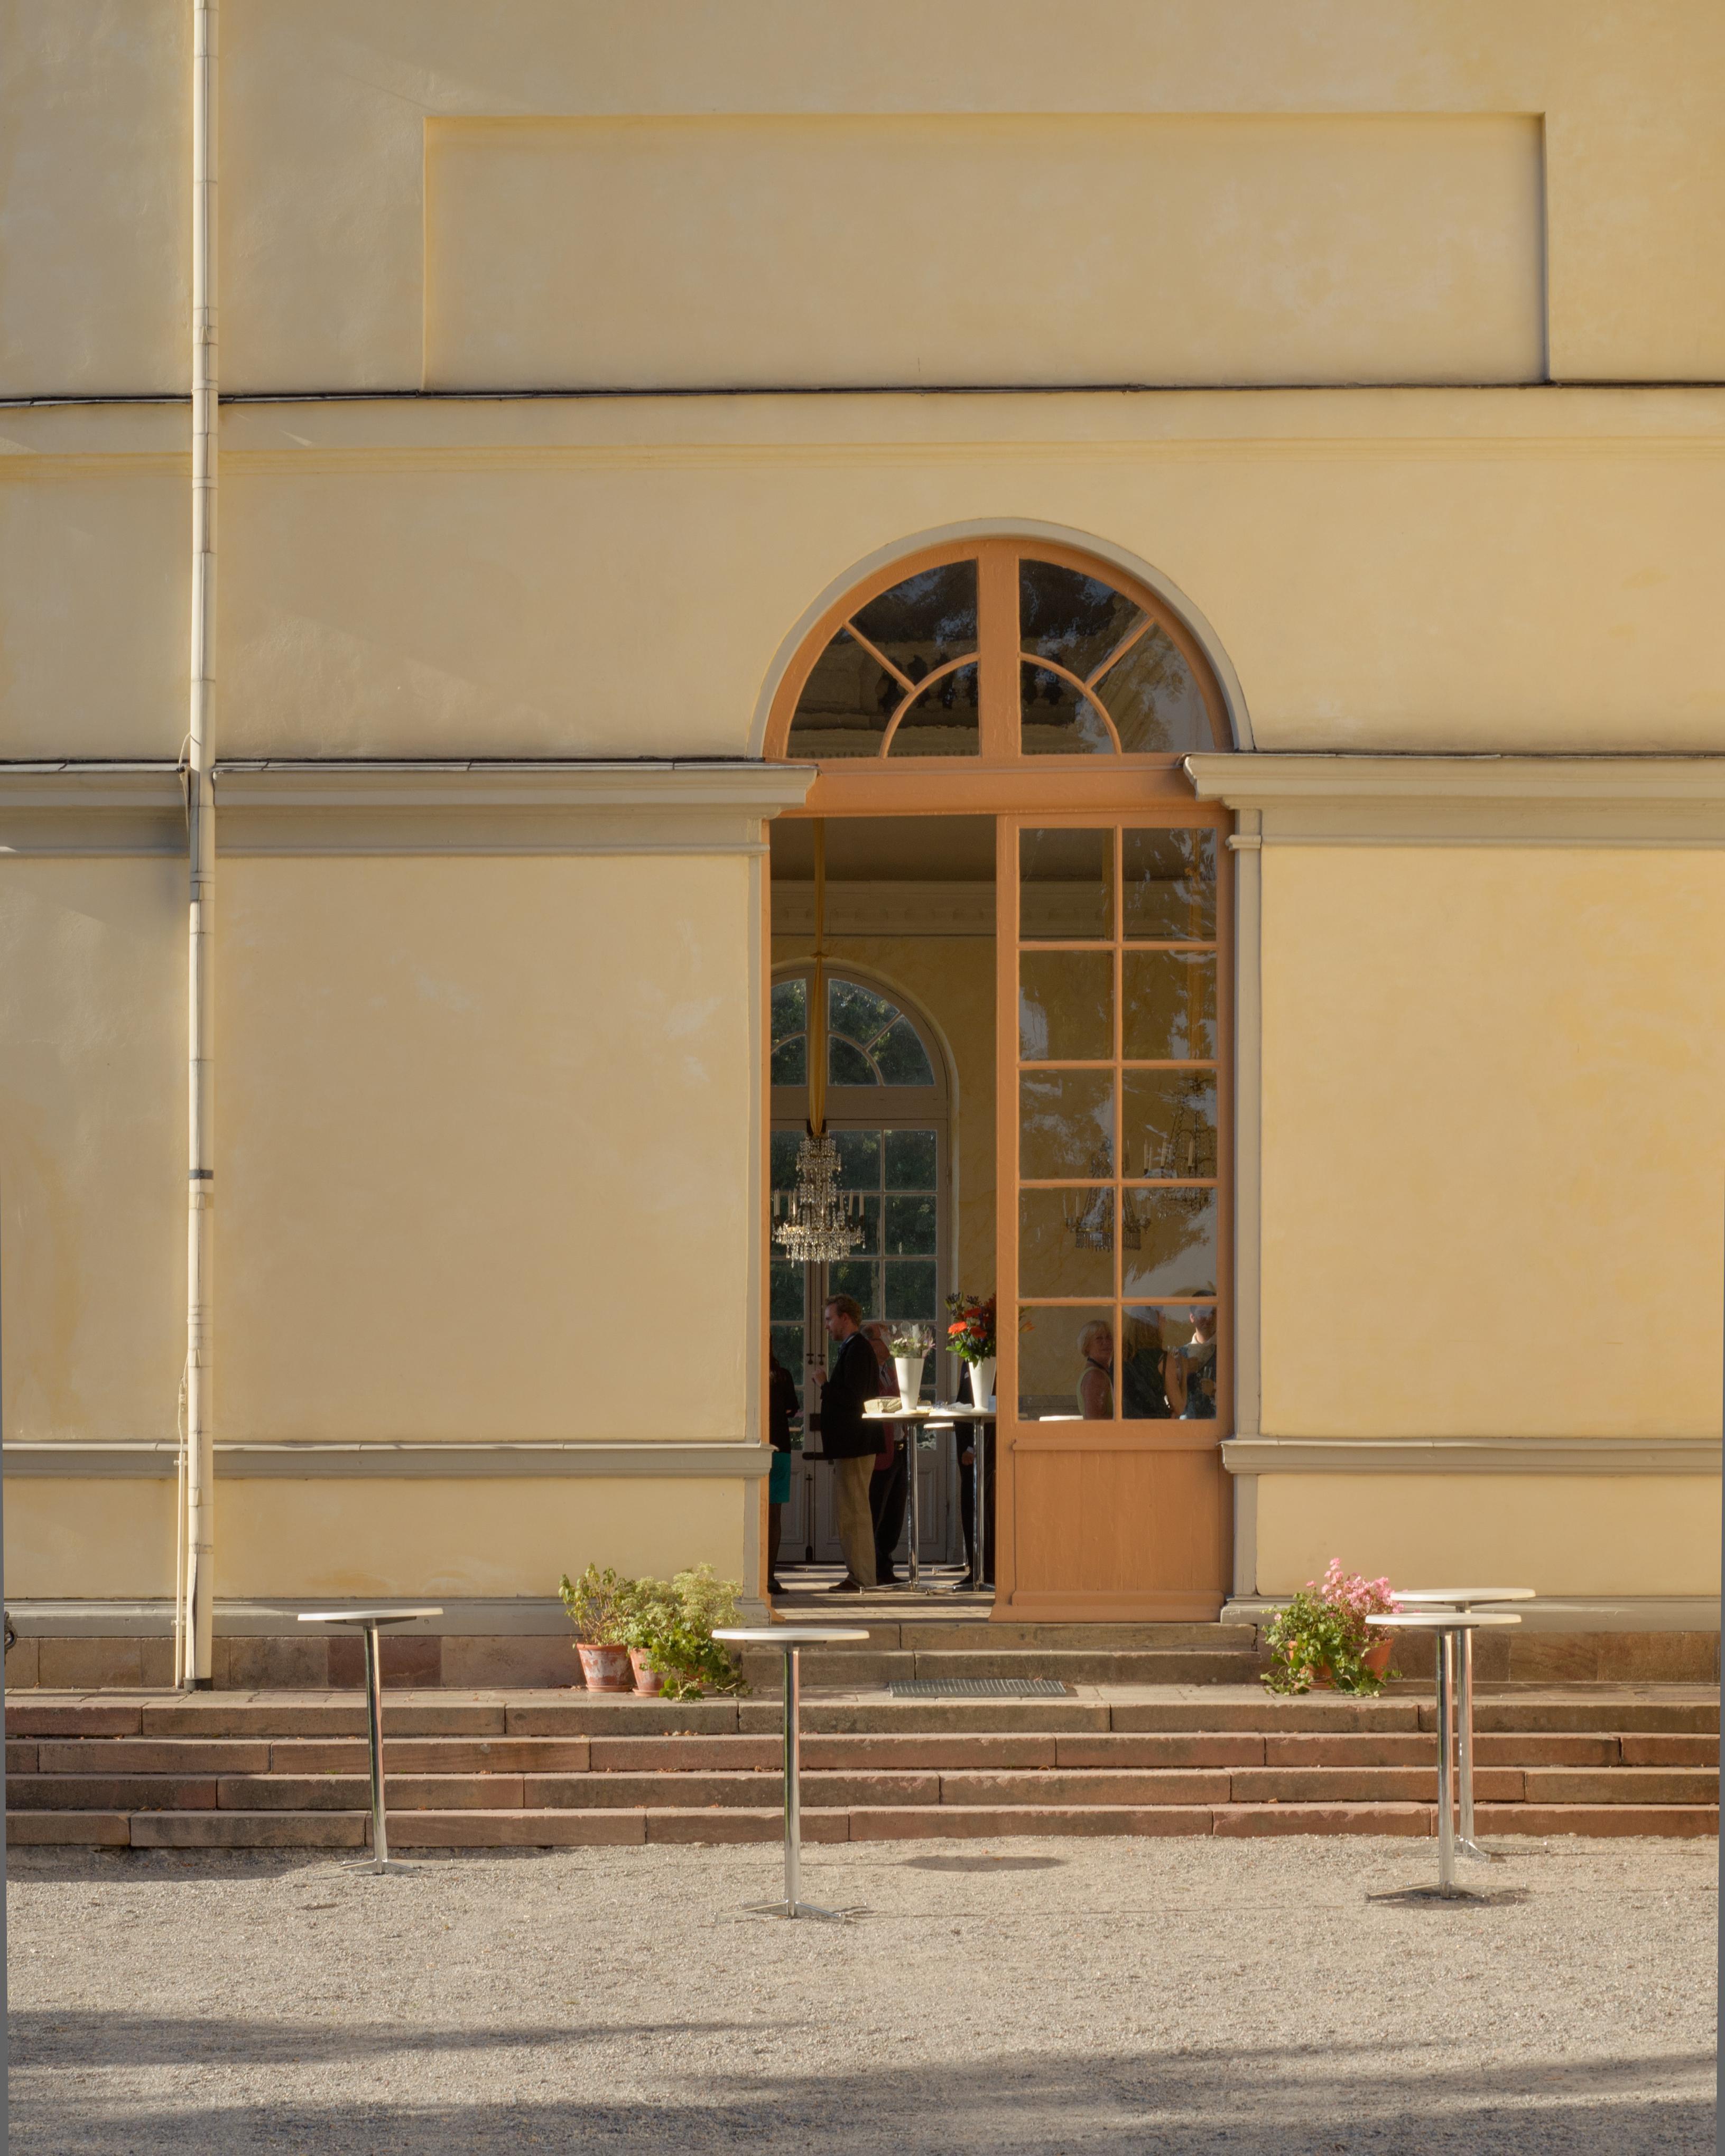 2a1383b29daf File:Drottningholms slottsteater augusti 2013 01.jpg - Wikimedia Commons